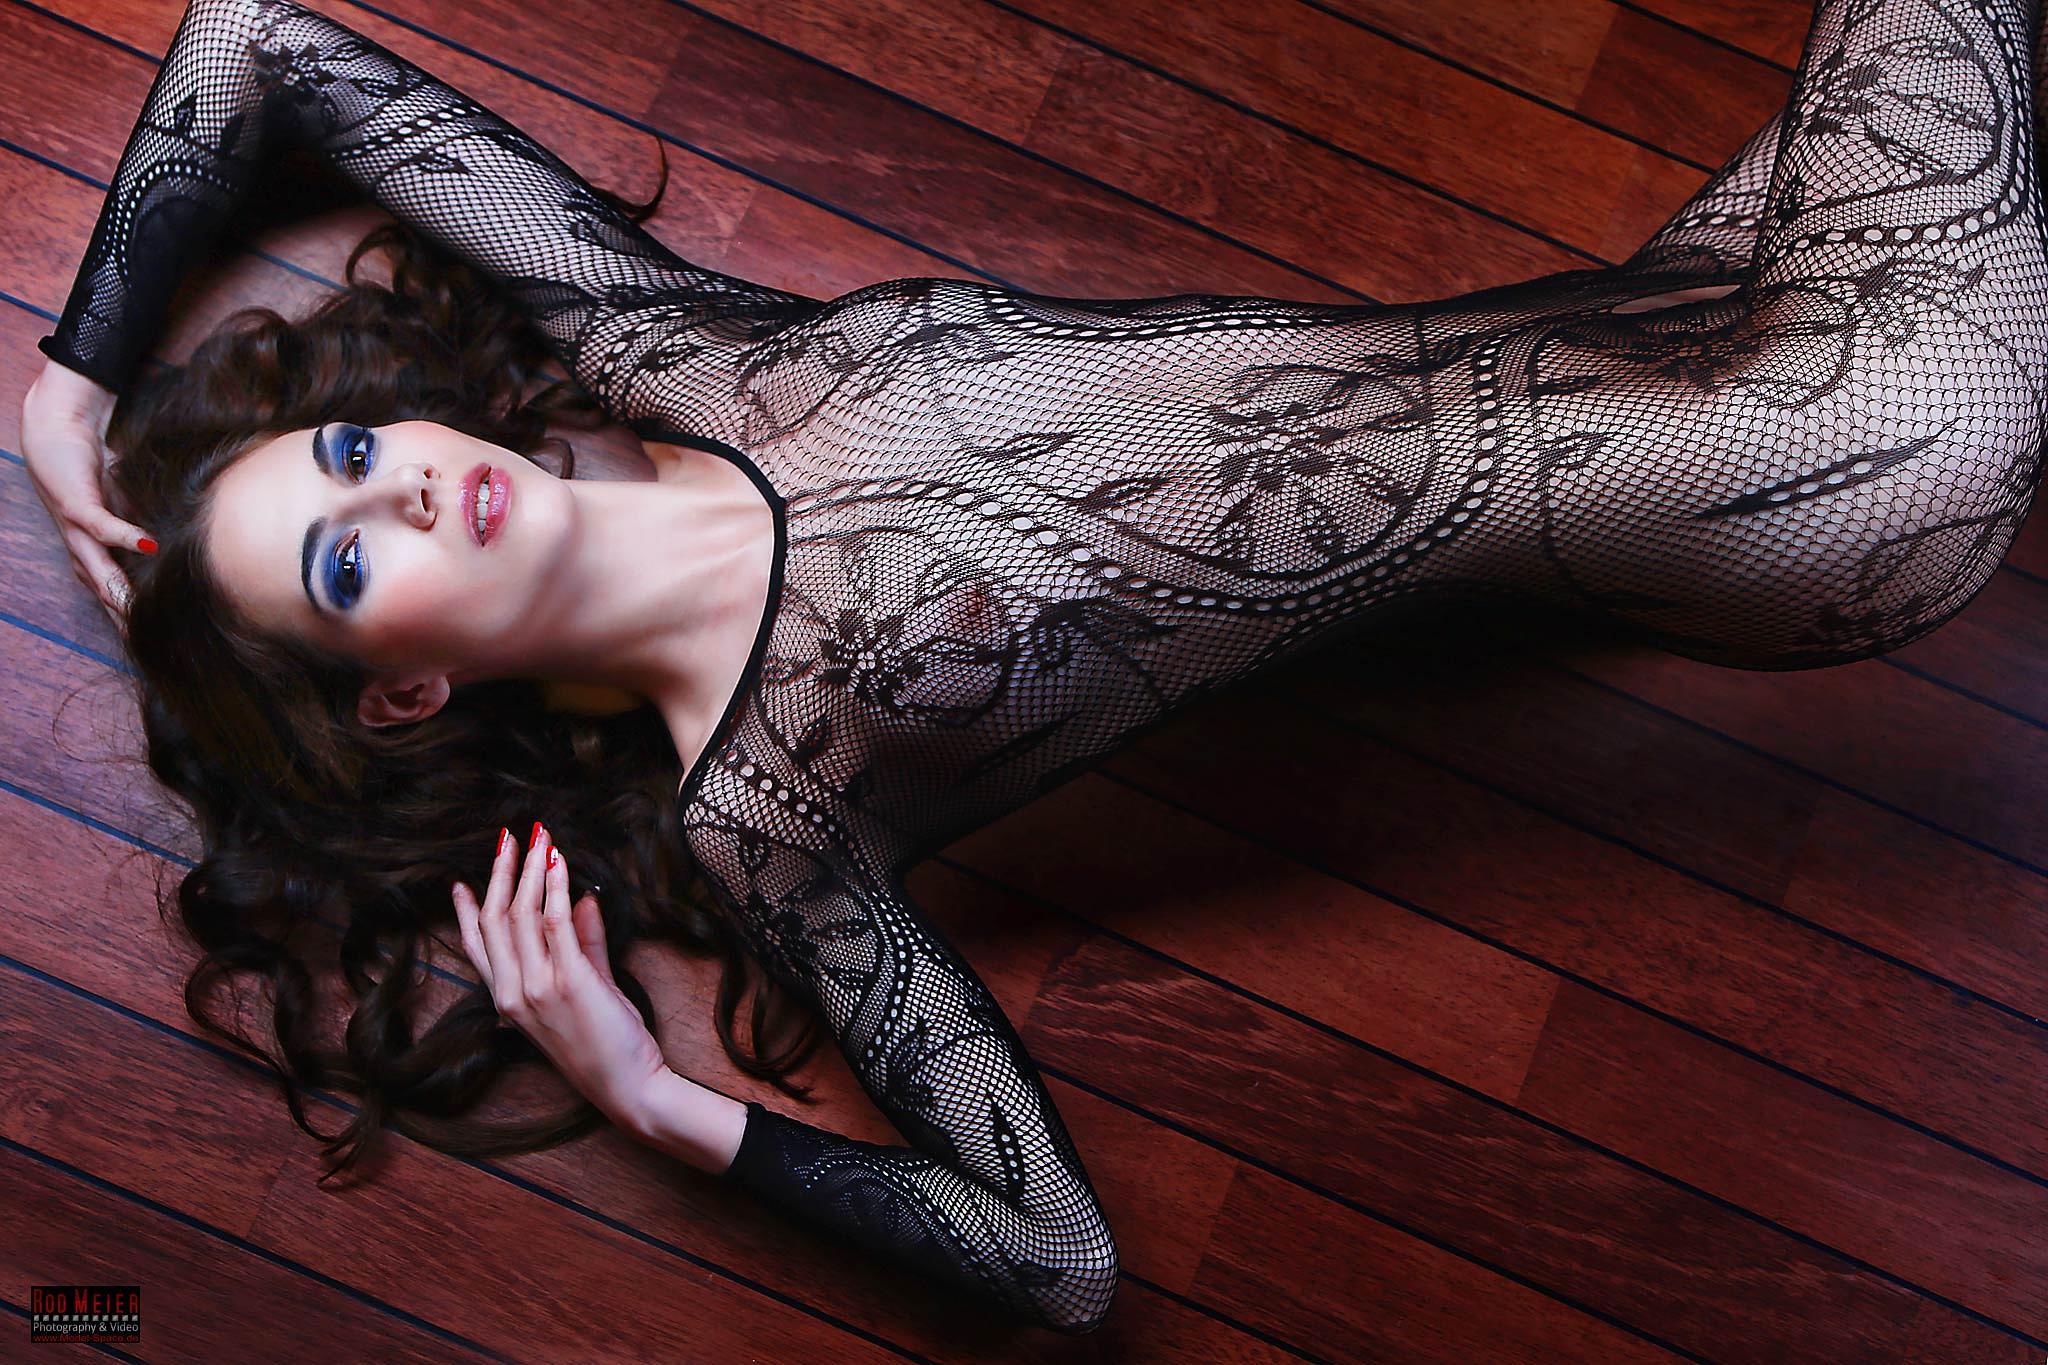 Beauty in Fishnet Catsuit by Rod Meier - Photography